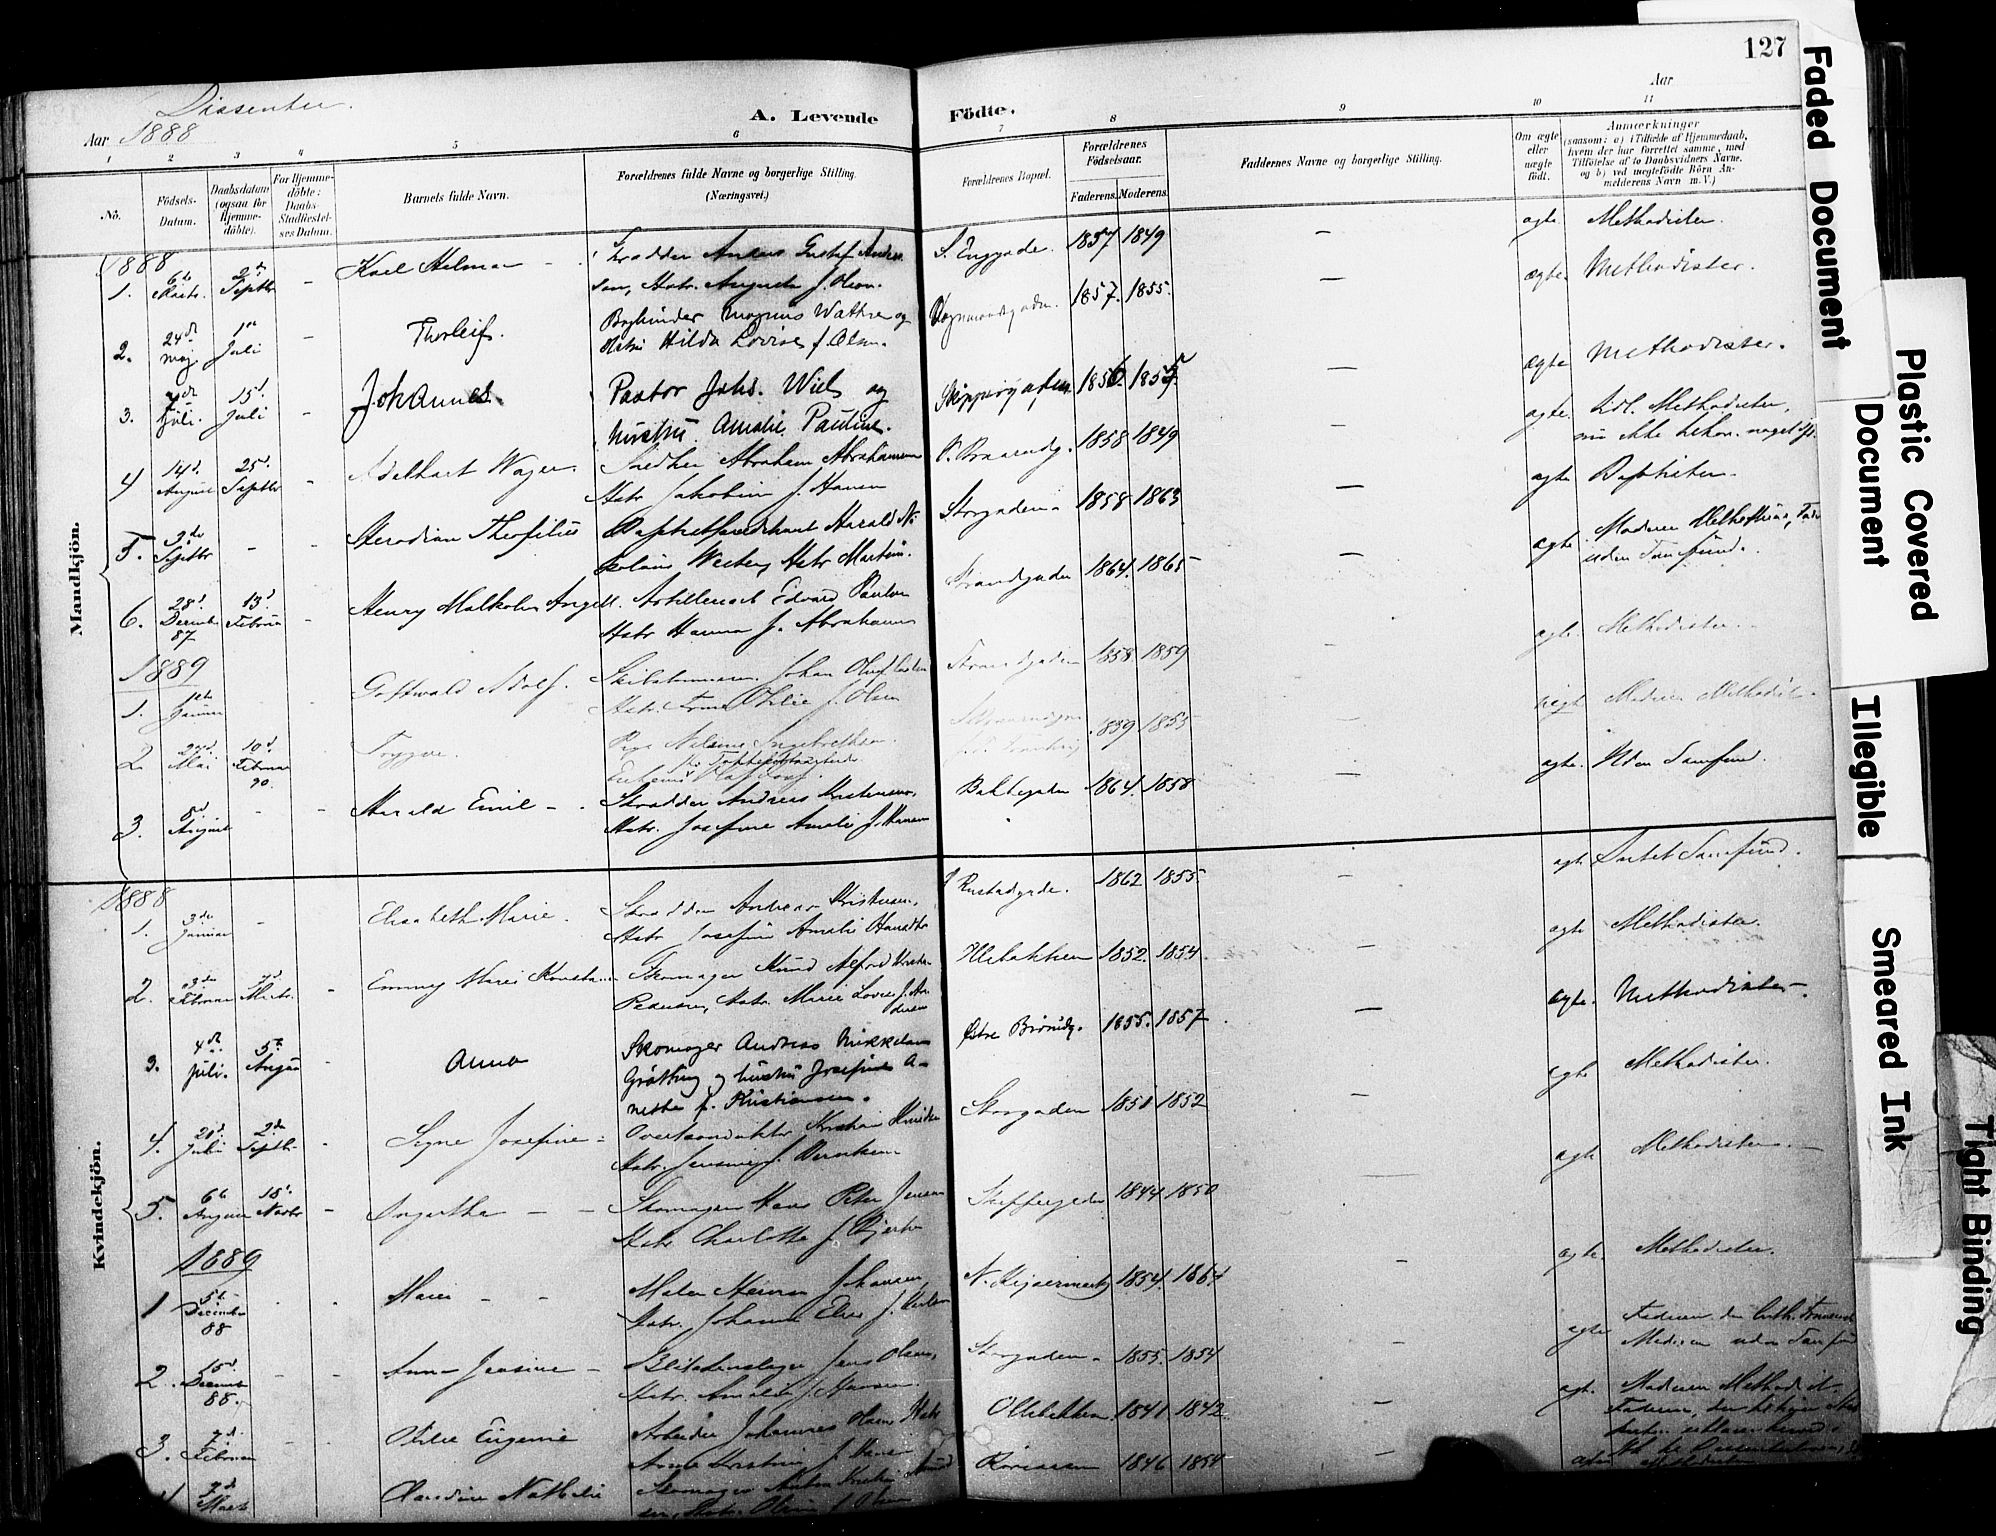 SAKO, Horten kirkebøker, F/Fa/L0004: Ministerialbok nr. 4, 1888-1895, s. 127